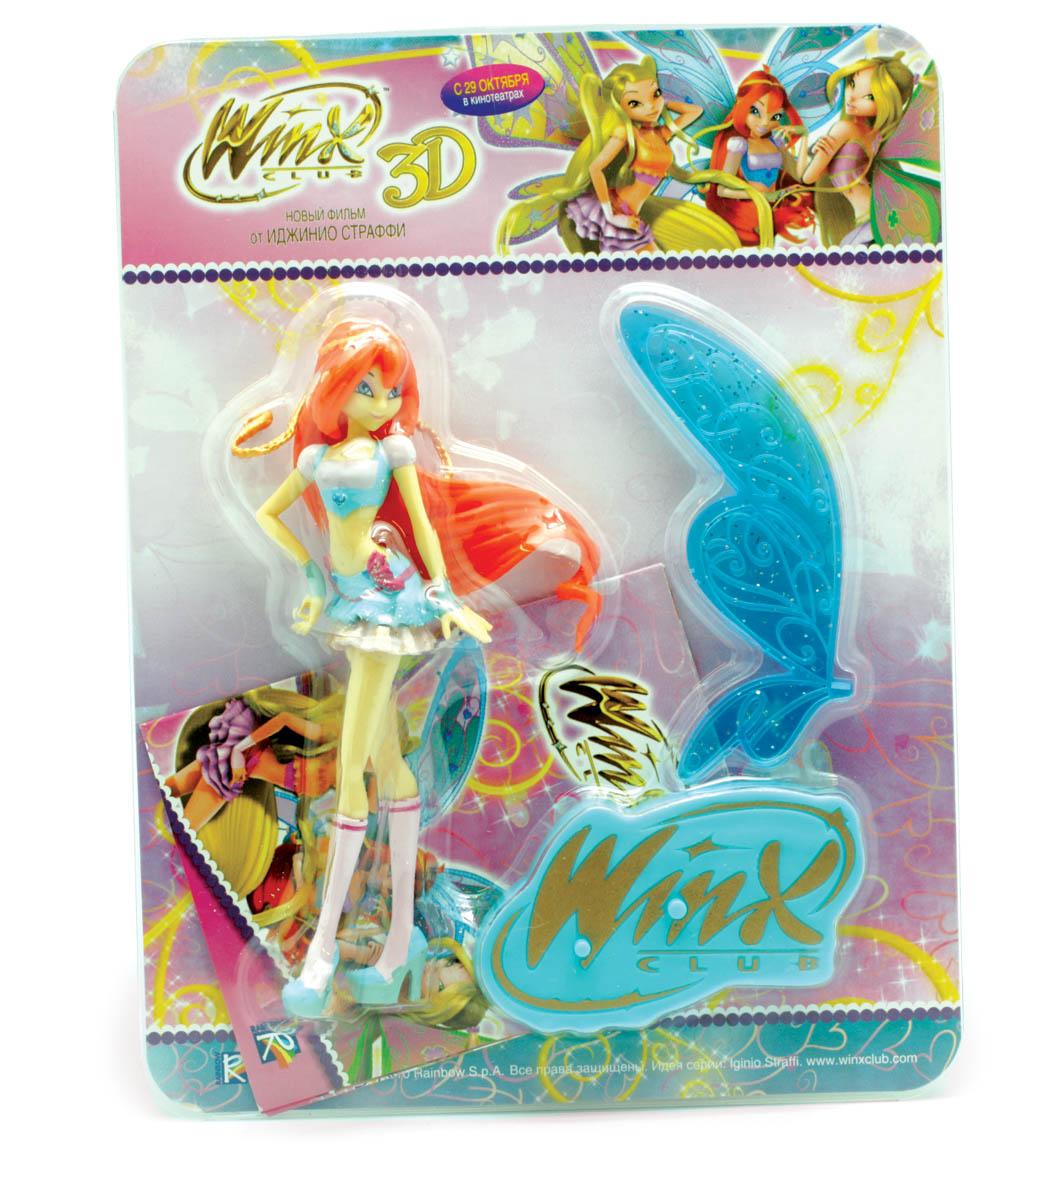 Мини товар. WINX.3D.Кукла №8